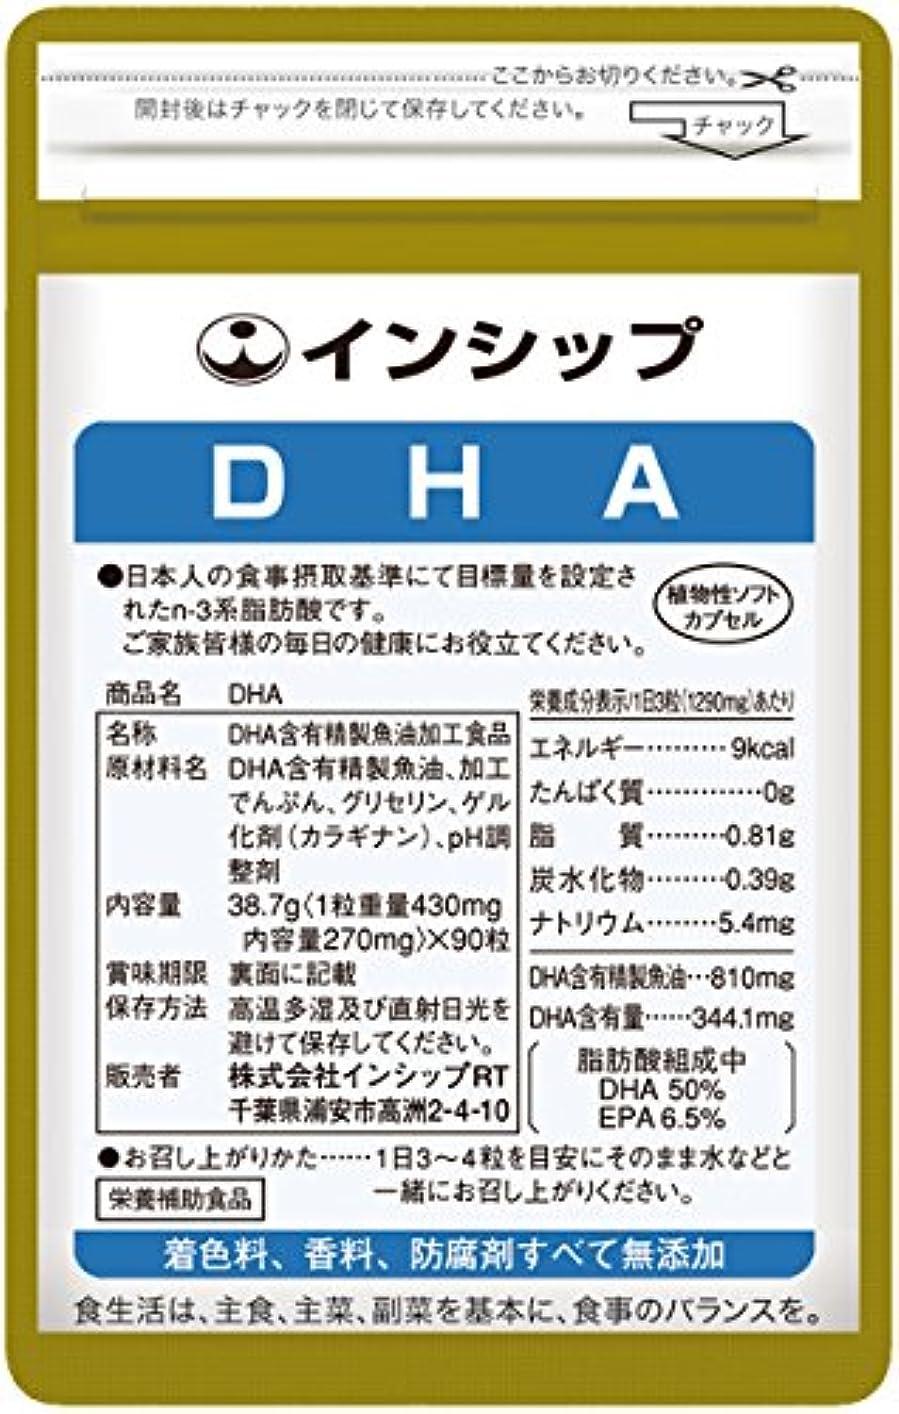 お酢危険な温帯インシップ DHA(ドコサヘキサエン酸) 430mg×90粒 30日分